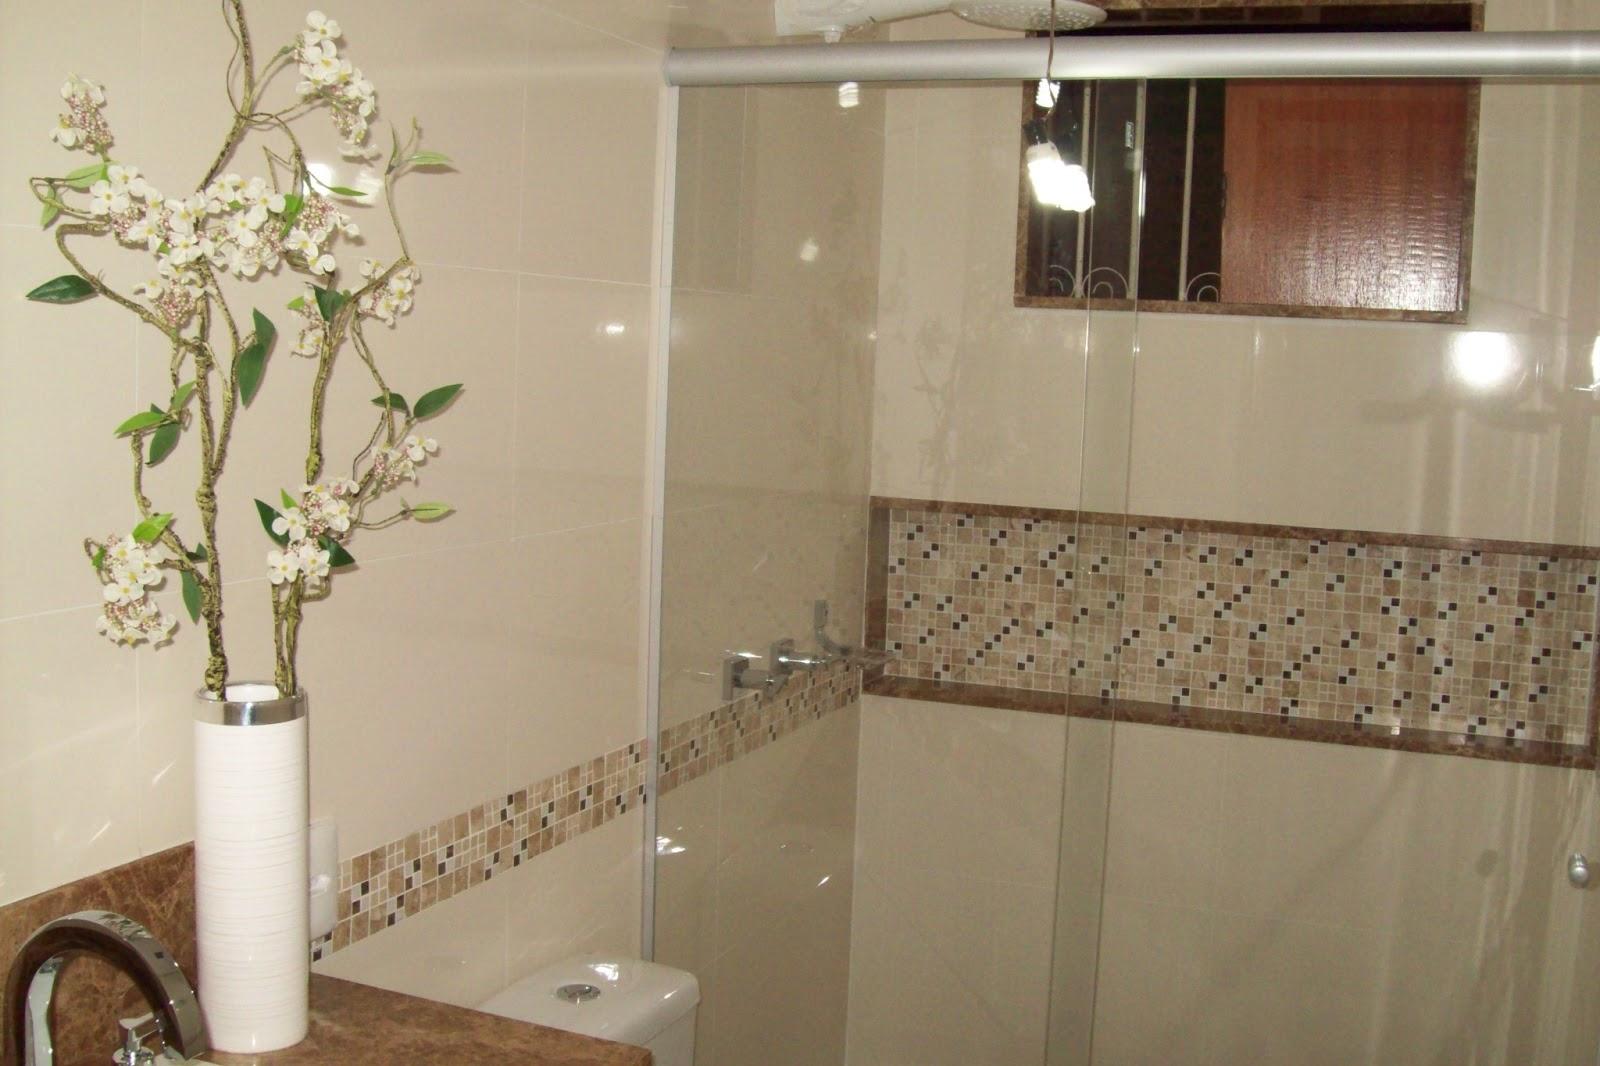 Construções Domingos: Banheiro com Nicho #7D9635 1600x1066 Banheiro Com Acabamento Com Pastilhas